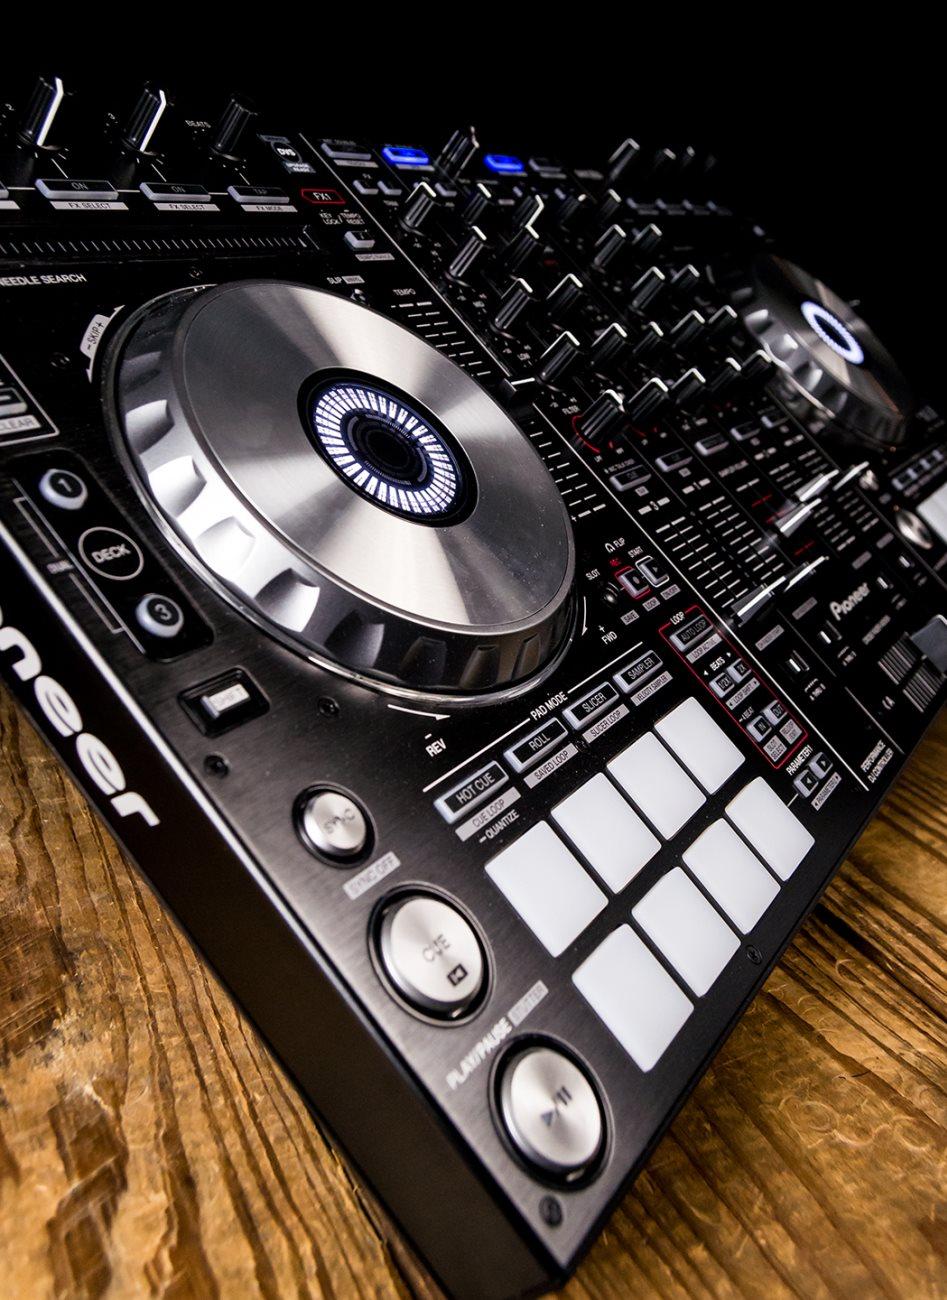 Pioneer DDJ-SX2 4-Channel Controller for Serato DJ